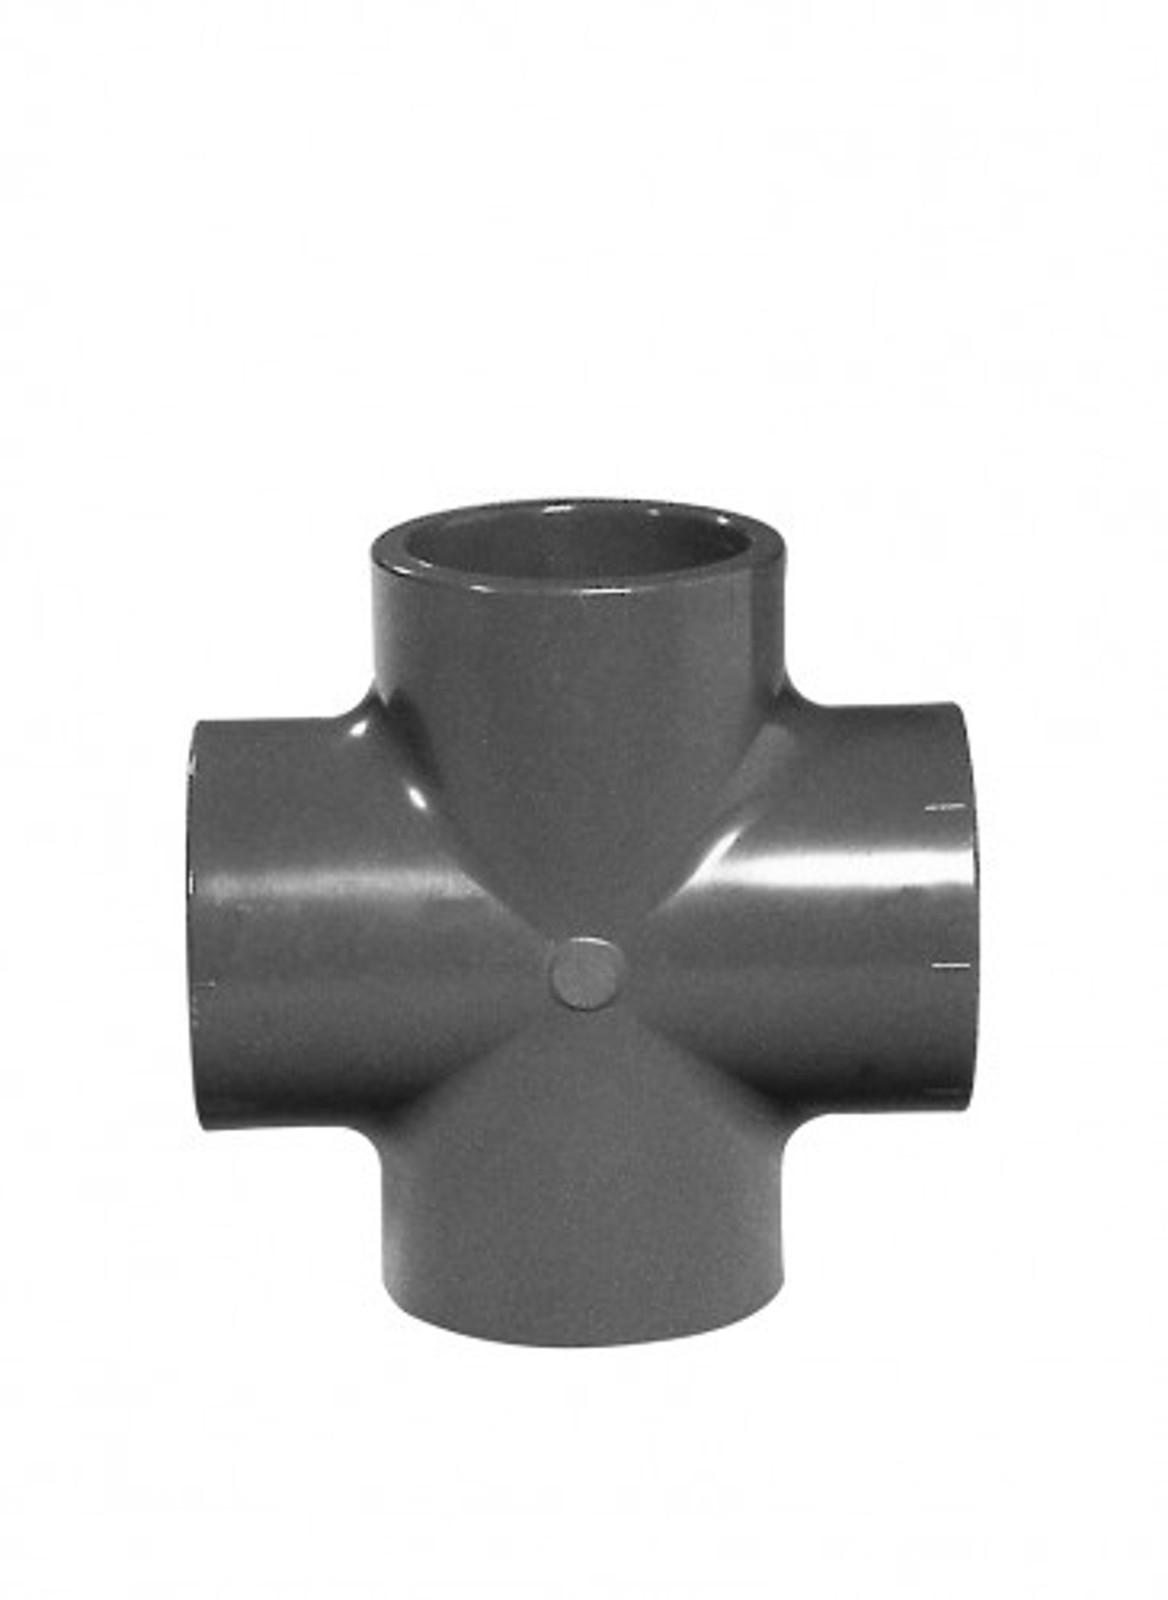 Kreuzstück 90°, 40 mm aus PVC